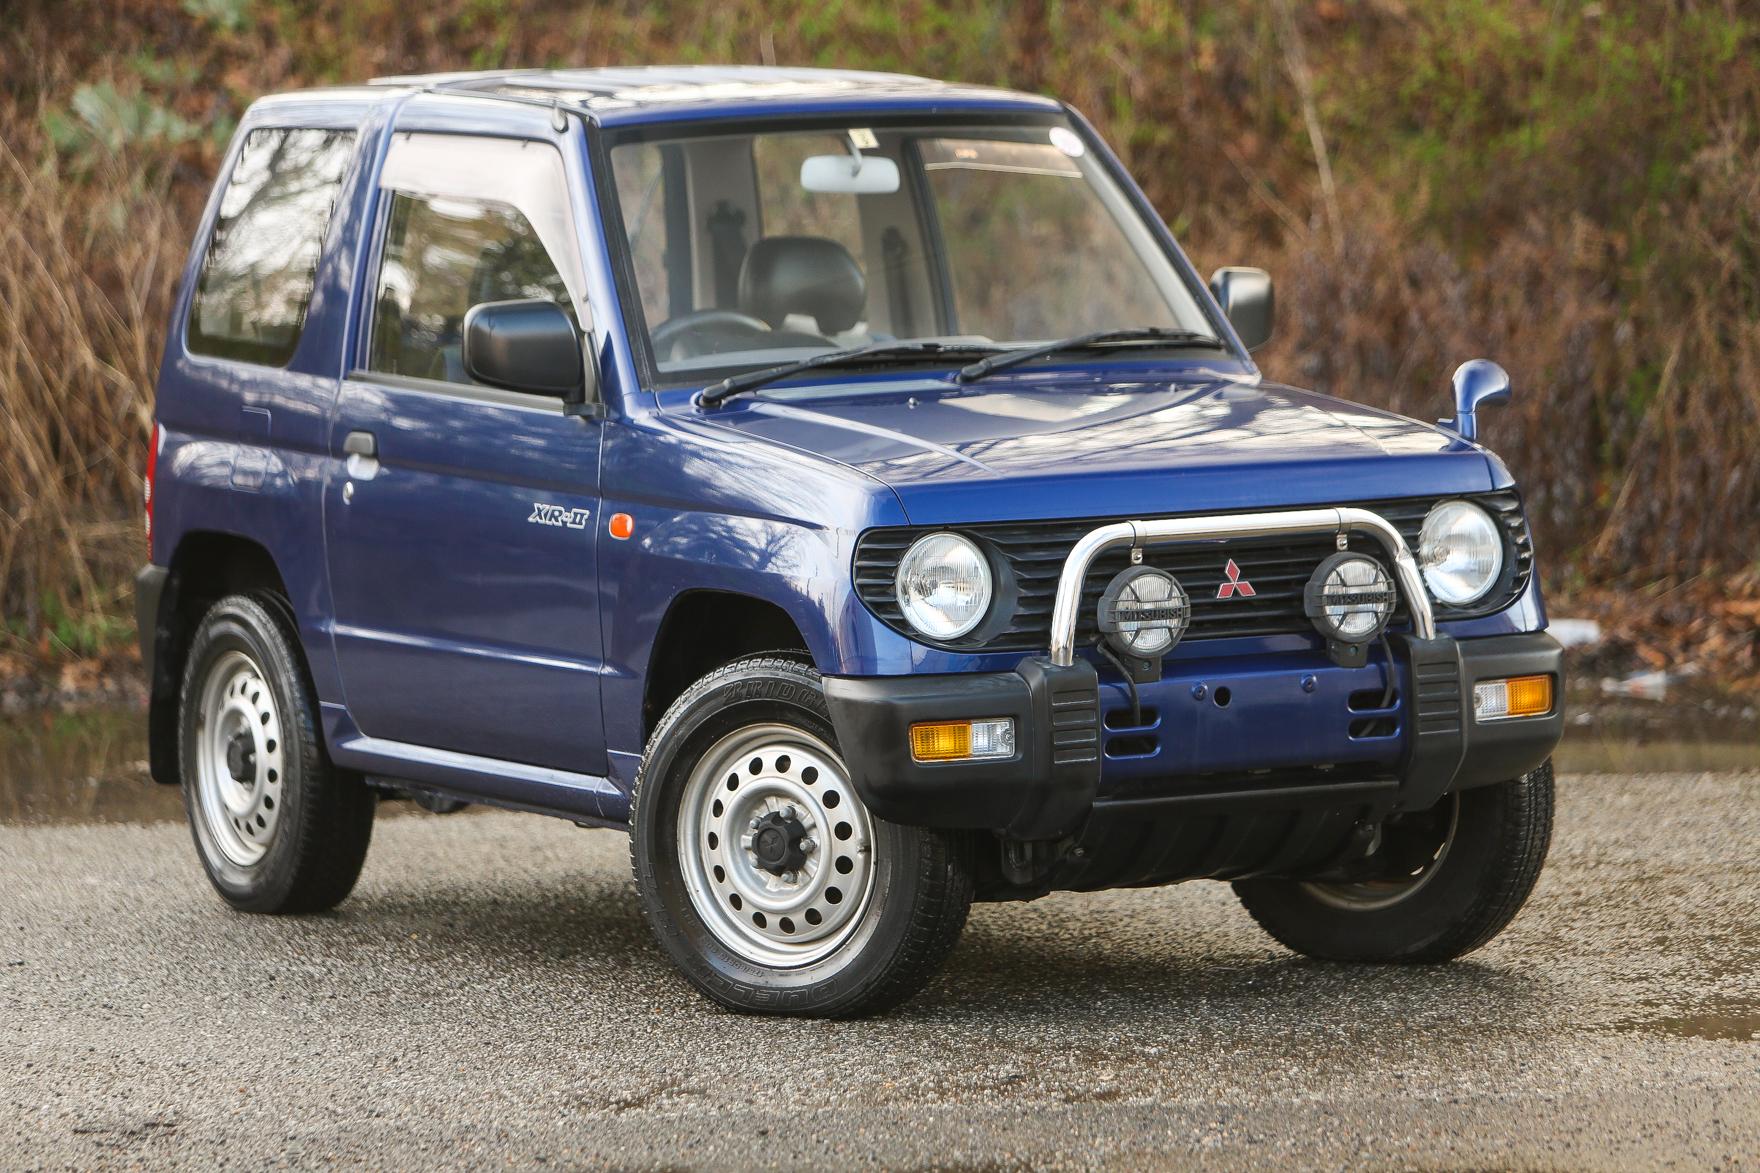 1994 Mitsubishi Mini Pajero - $7,495